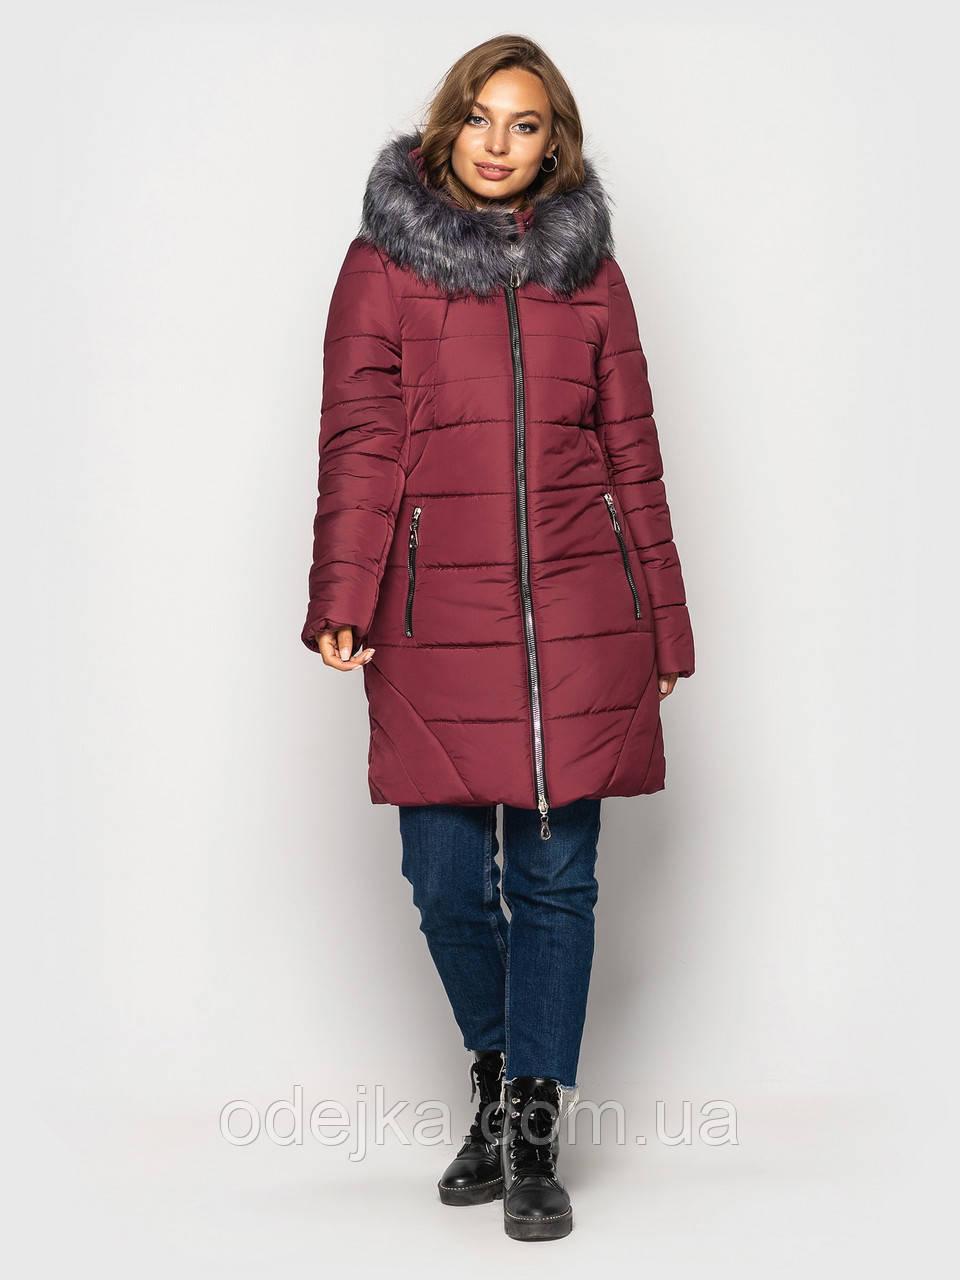 Куртка зимняя 77